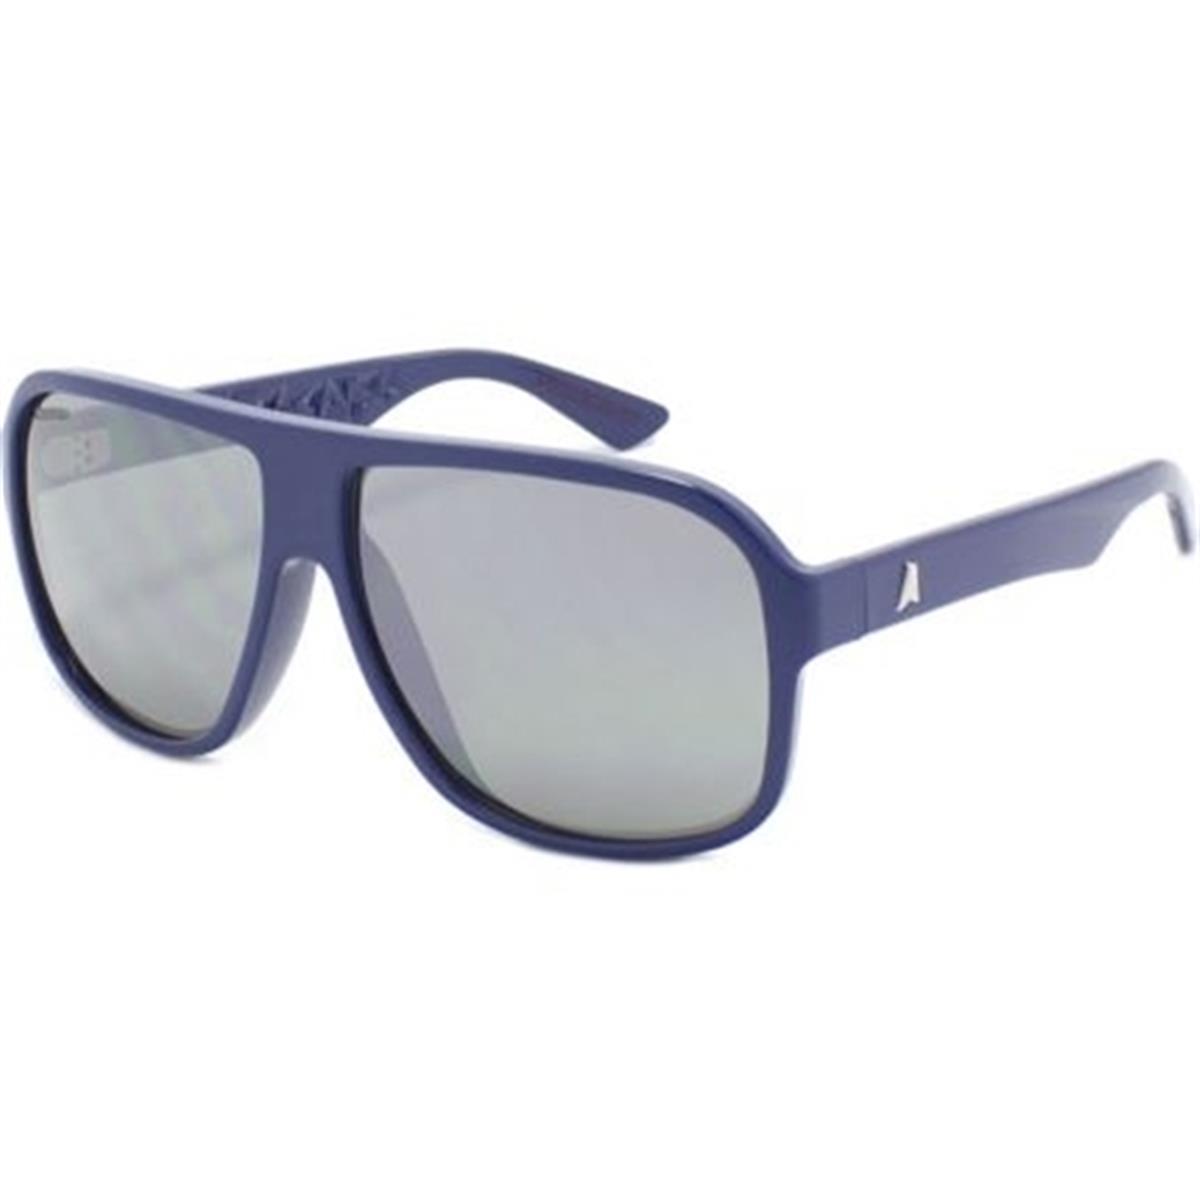 5bbef5209 Óculos de Sol Azul Escuro Lente Cinza Espelhada CALIXTO Absurda